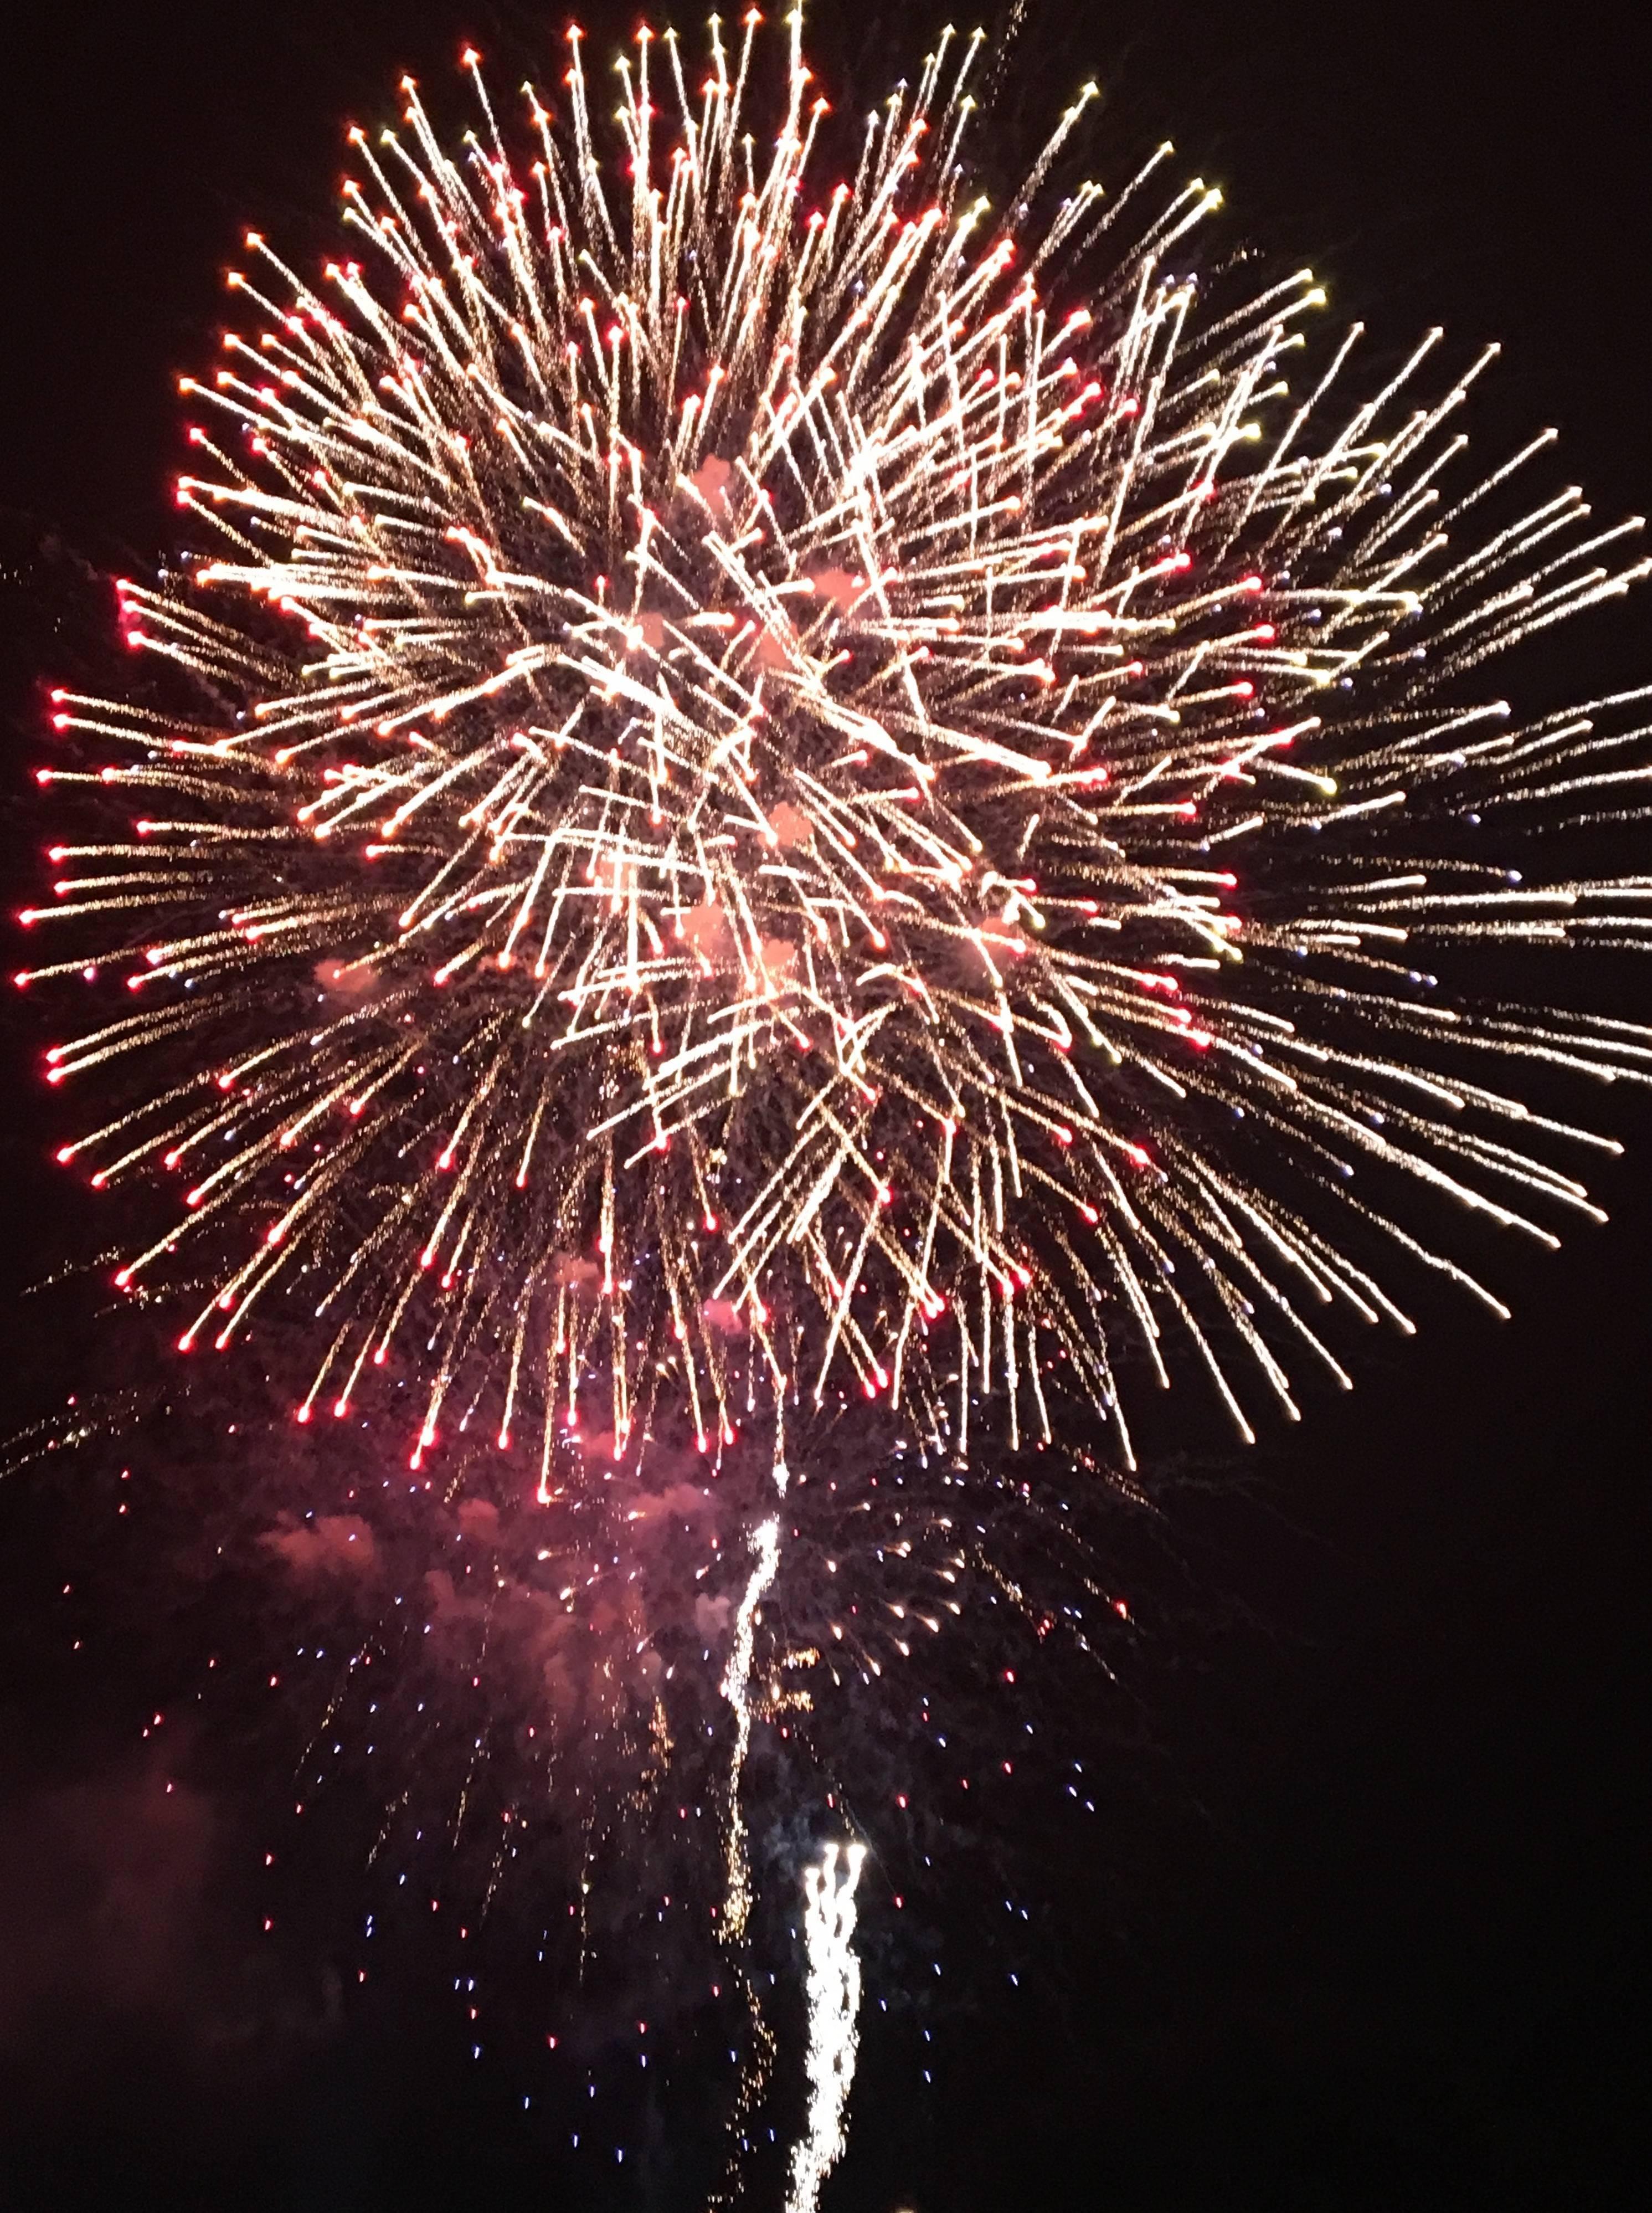 5953b7e2c16fe461ff1c_Fireworks__3.jpg